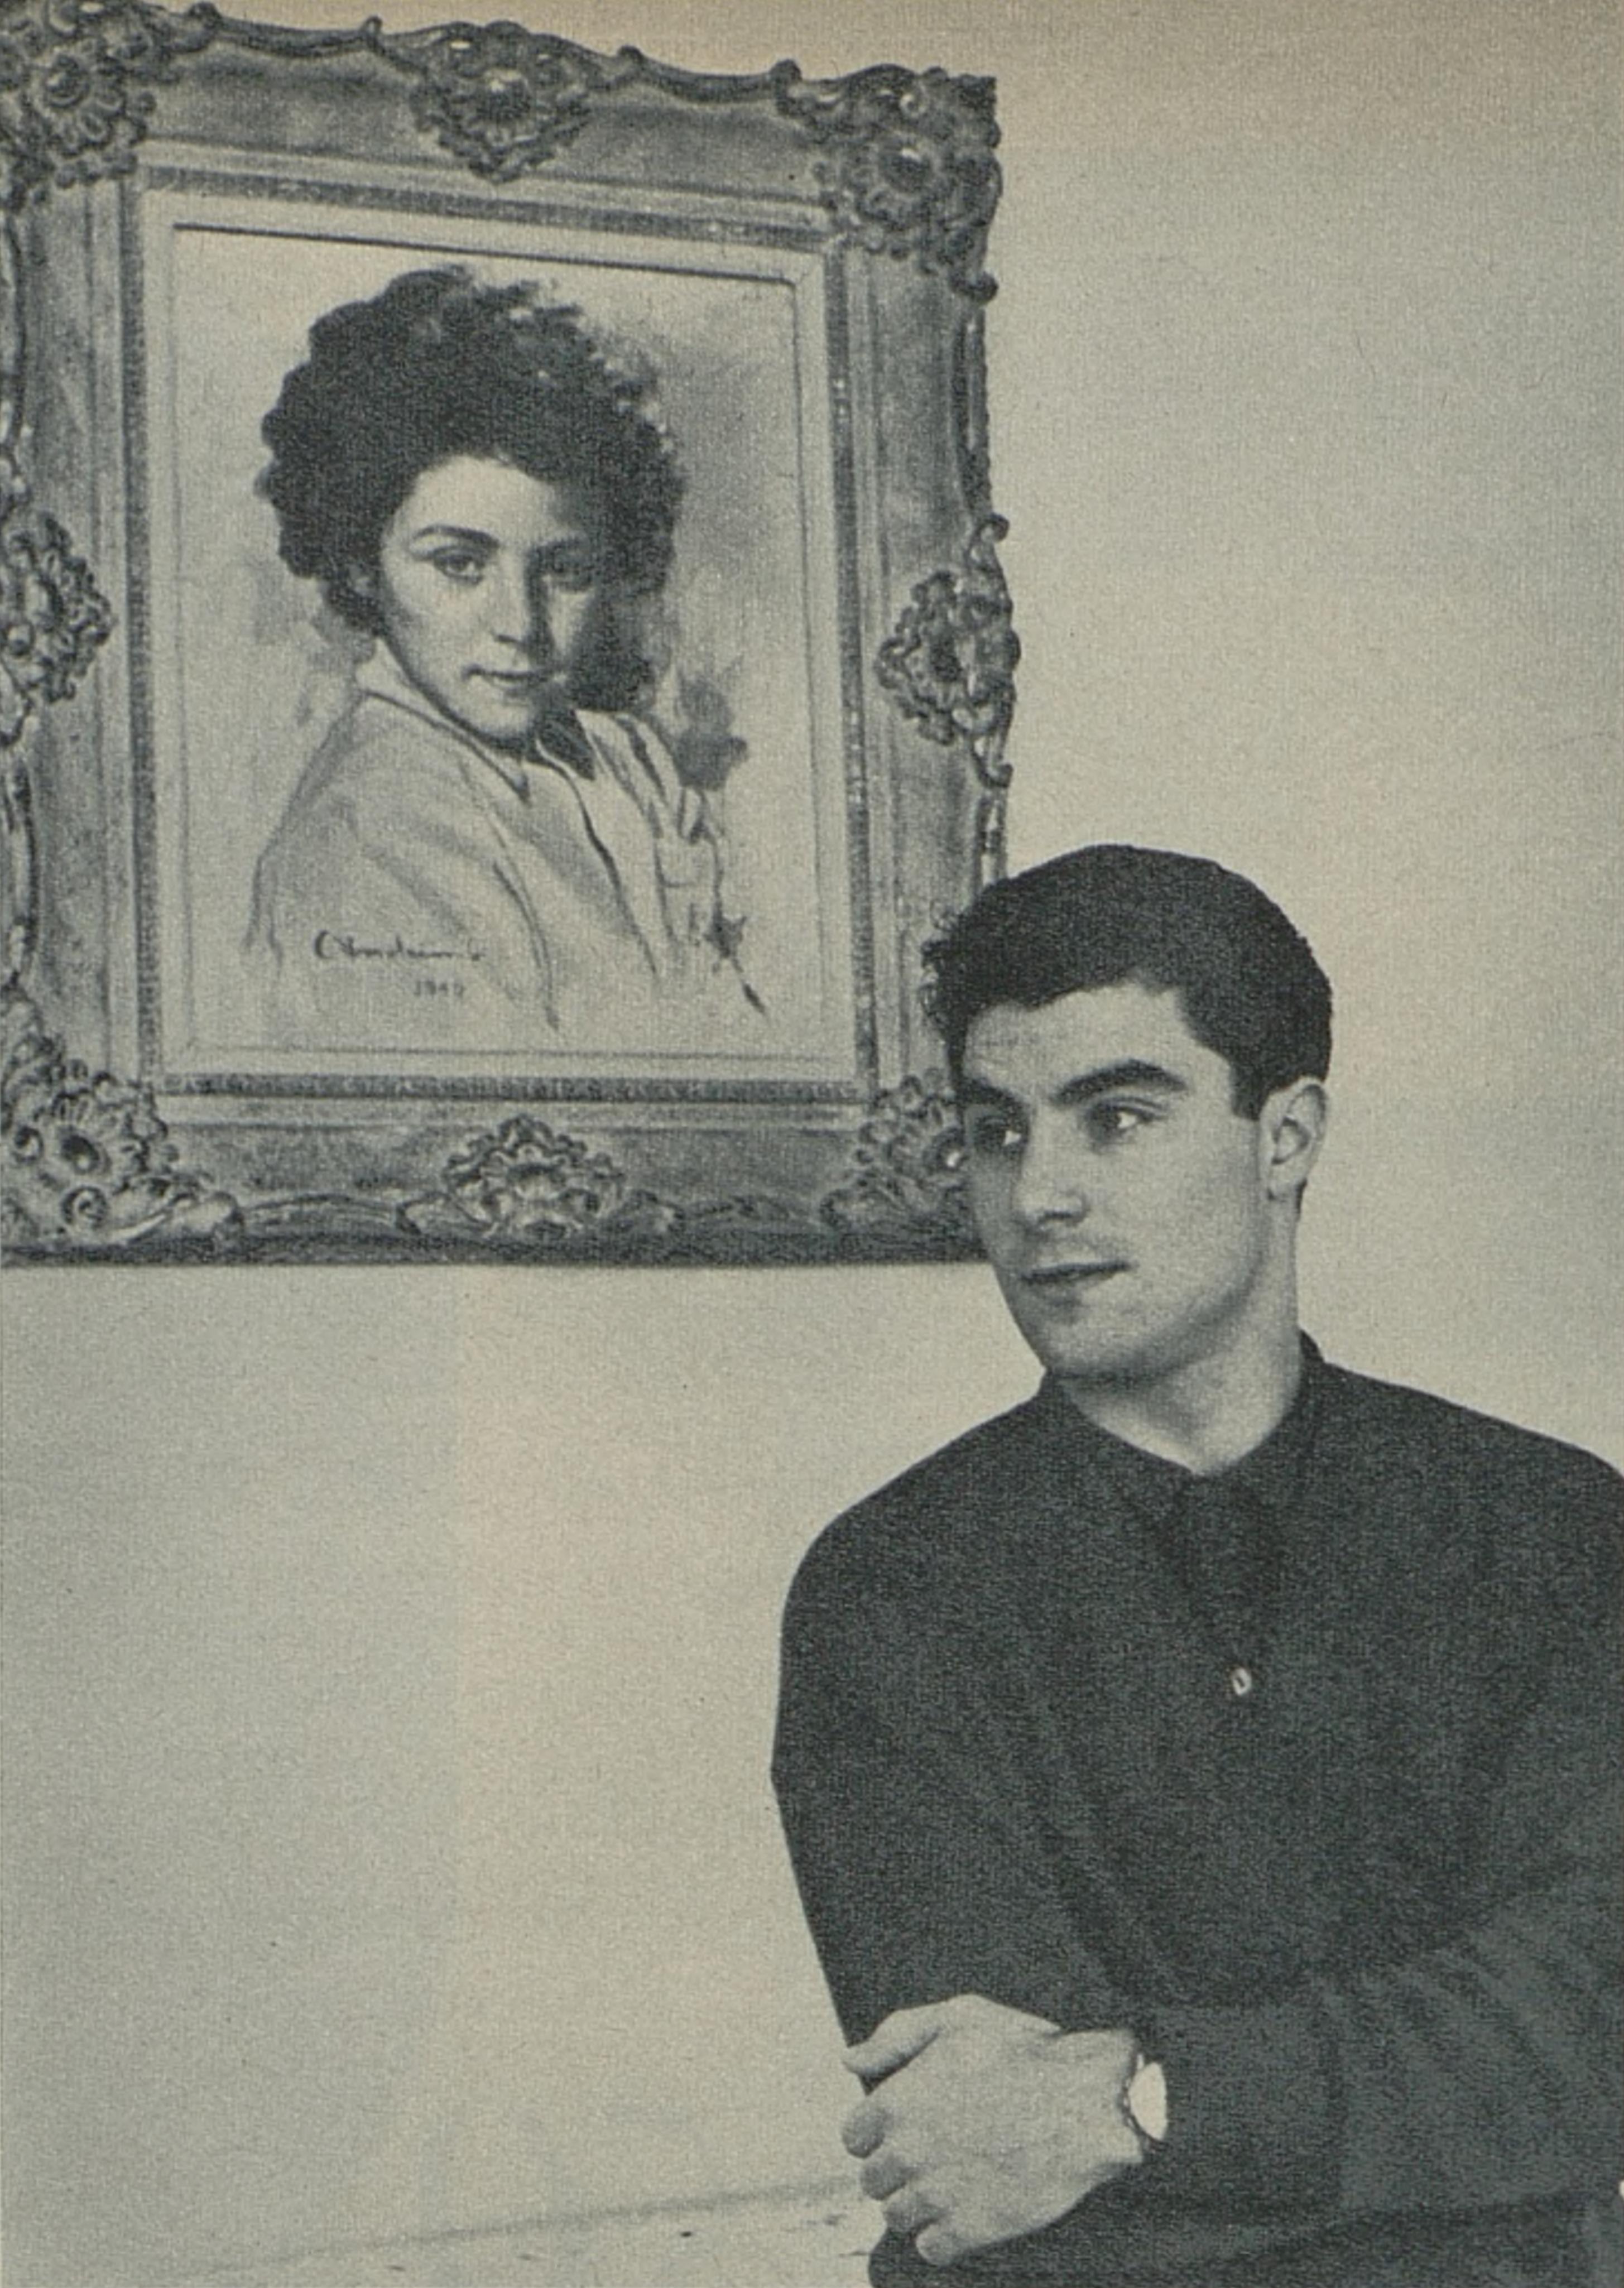 Roberto BENZI, un portrait fait par le photographe Maywald publié entre autres dans la revue L'Illustré du 19 février 1959, No 8, page 45, Cliquer sur la photo pour une vue agrandie et quelques infos